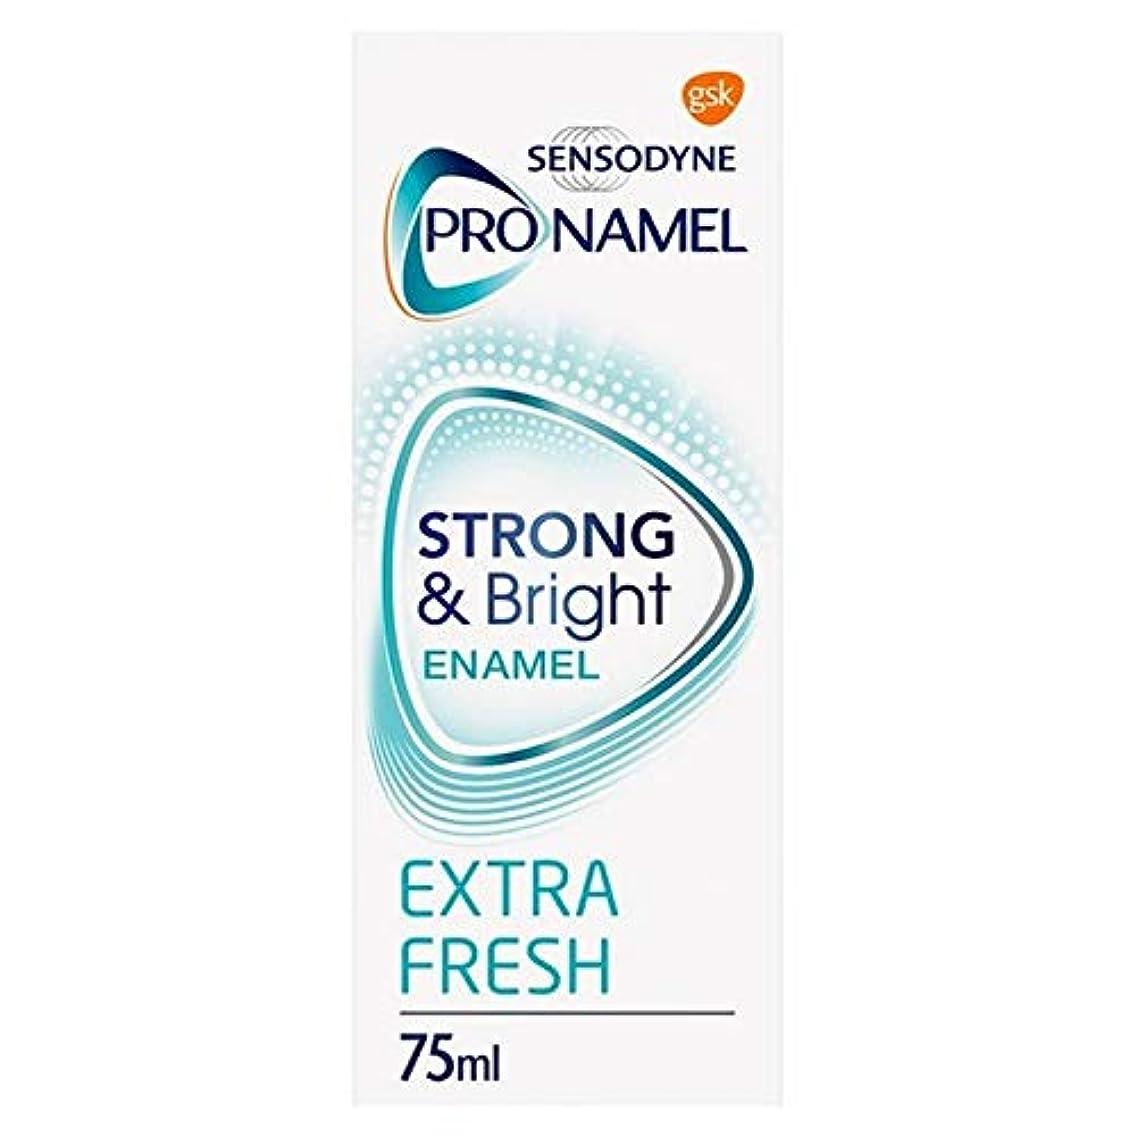 特派員見出し前者[Sensodyne] SensodyneのPronamel強い&ブライト歯磨き粉75ミリリットル - Sensodyne Pronamel Strong & Bright Toothpaste 75ml [並行輸入品]